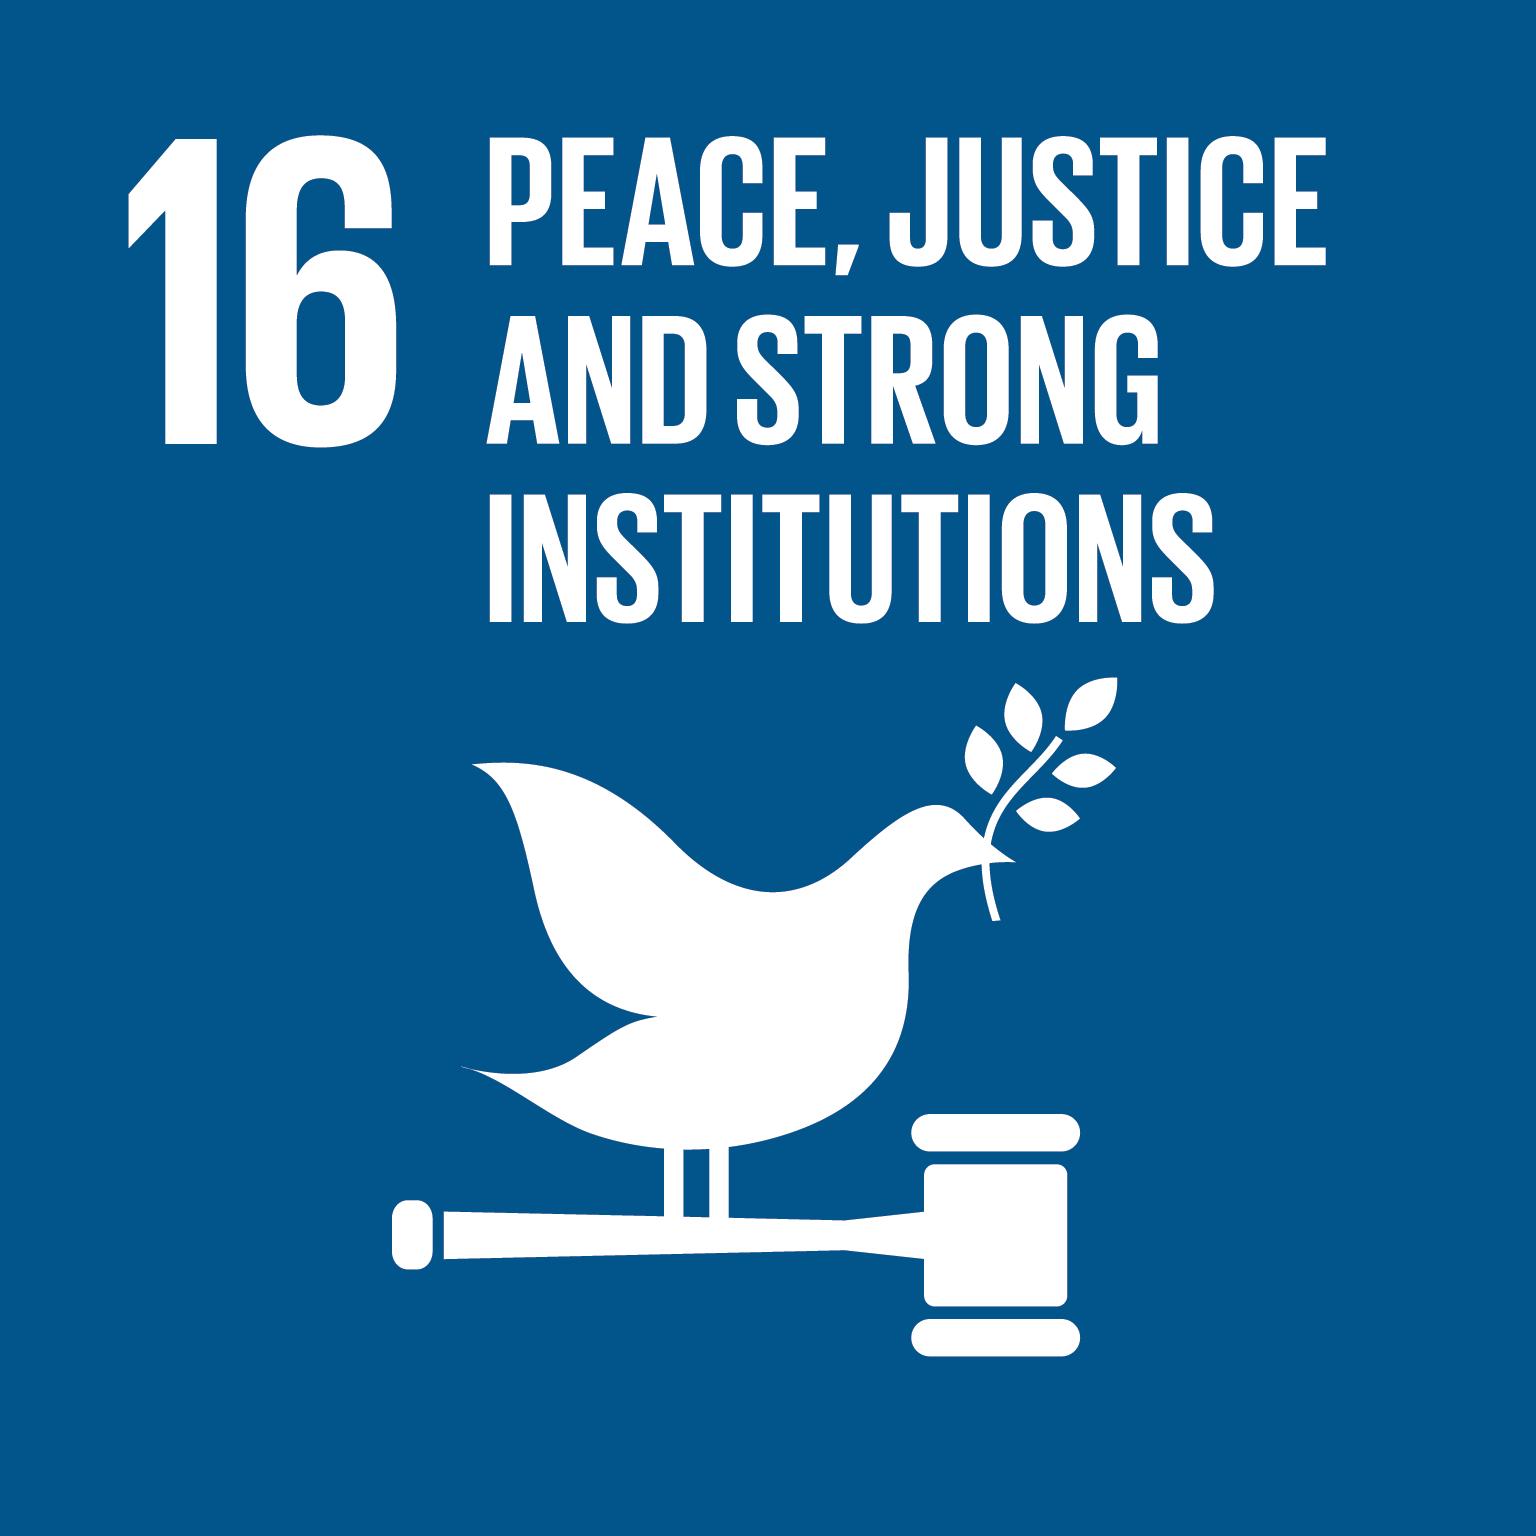 促進和平且包容的社會,以落實永續發展;提供司法管道給所有人;在所有階層建立有效的、負責的且包容的制度